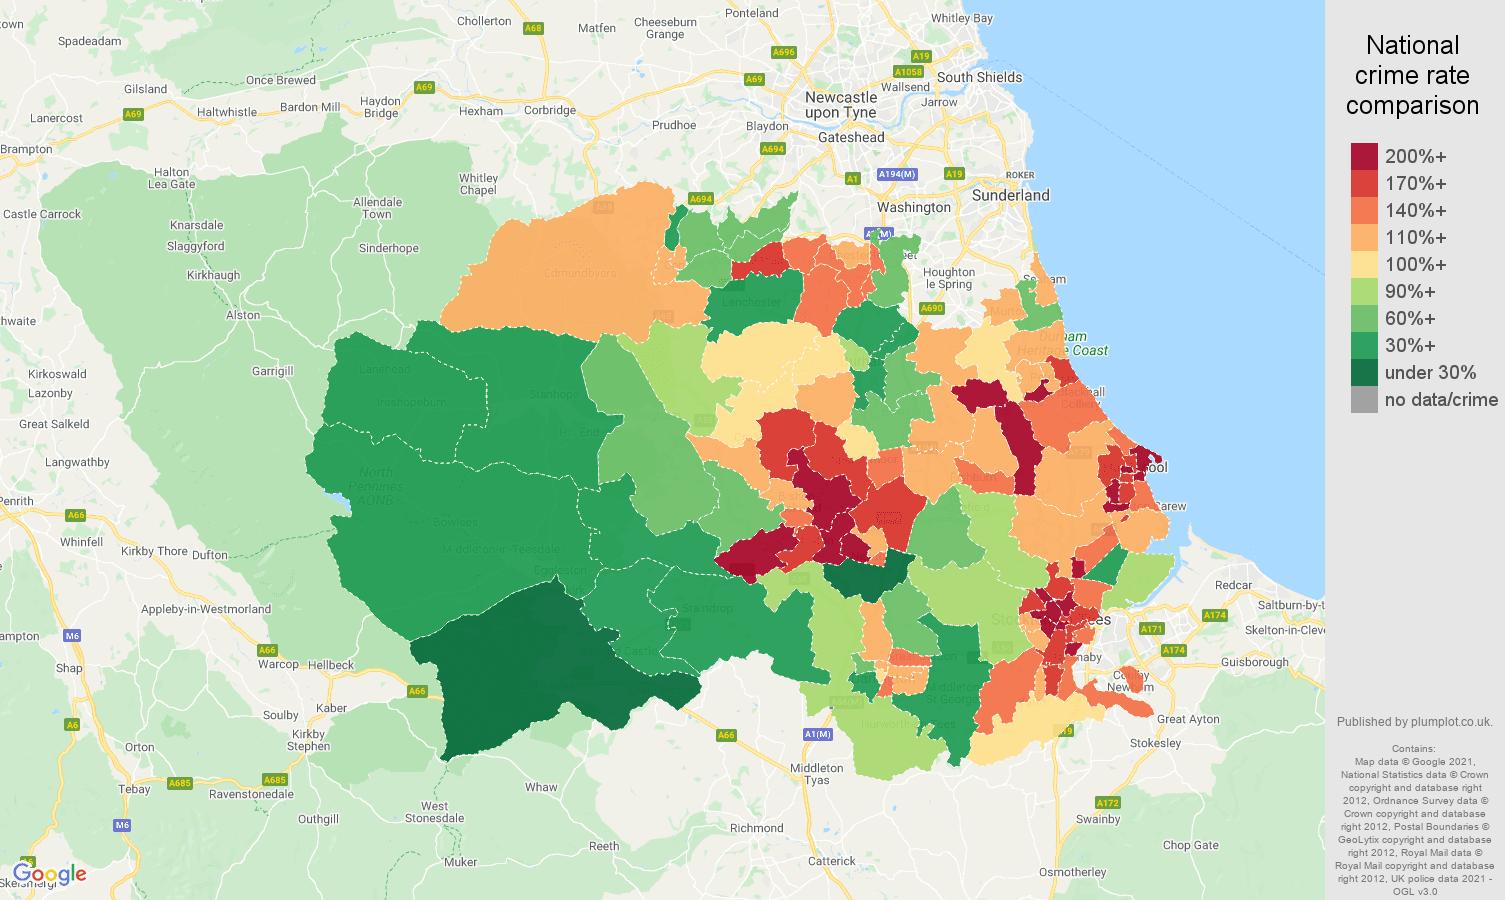 Durham county antisocial behaviour crime rate comparison map